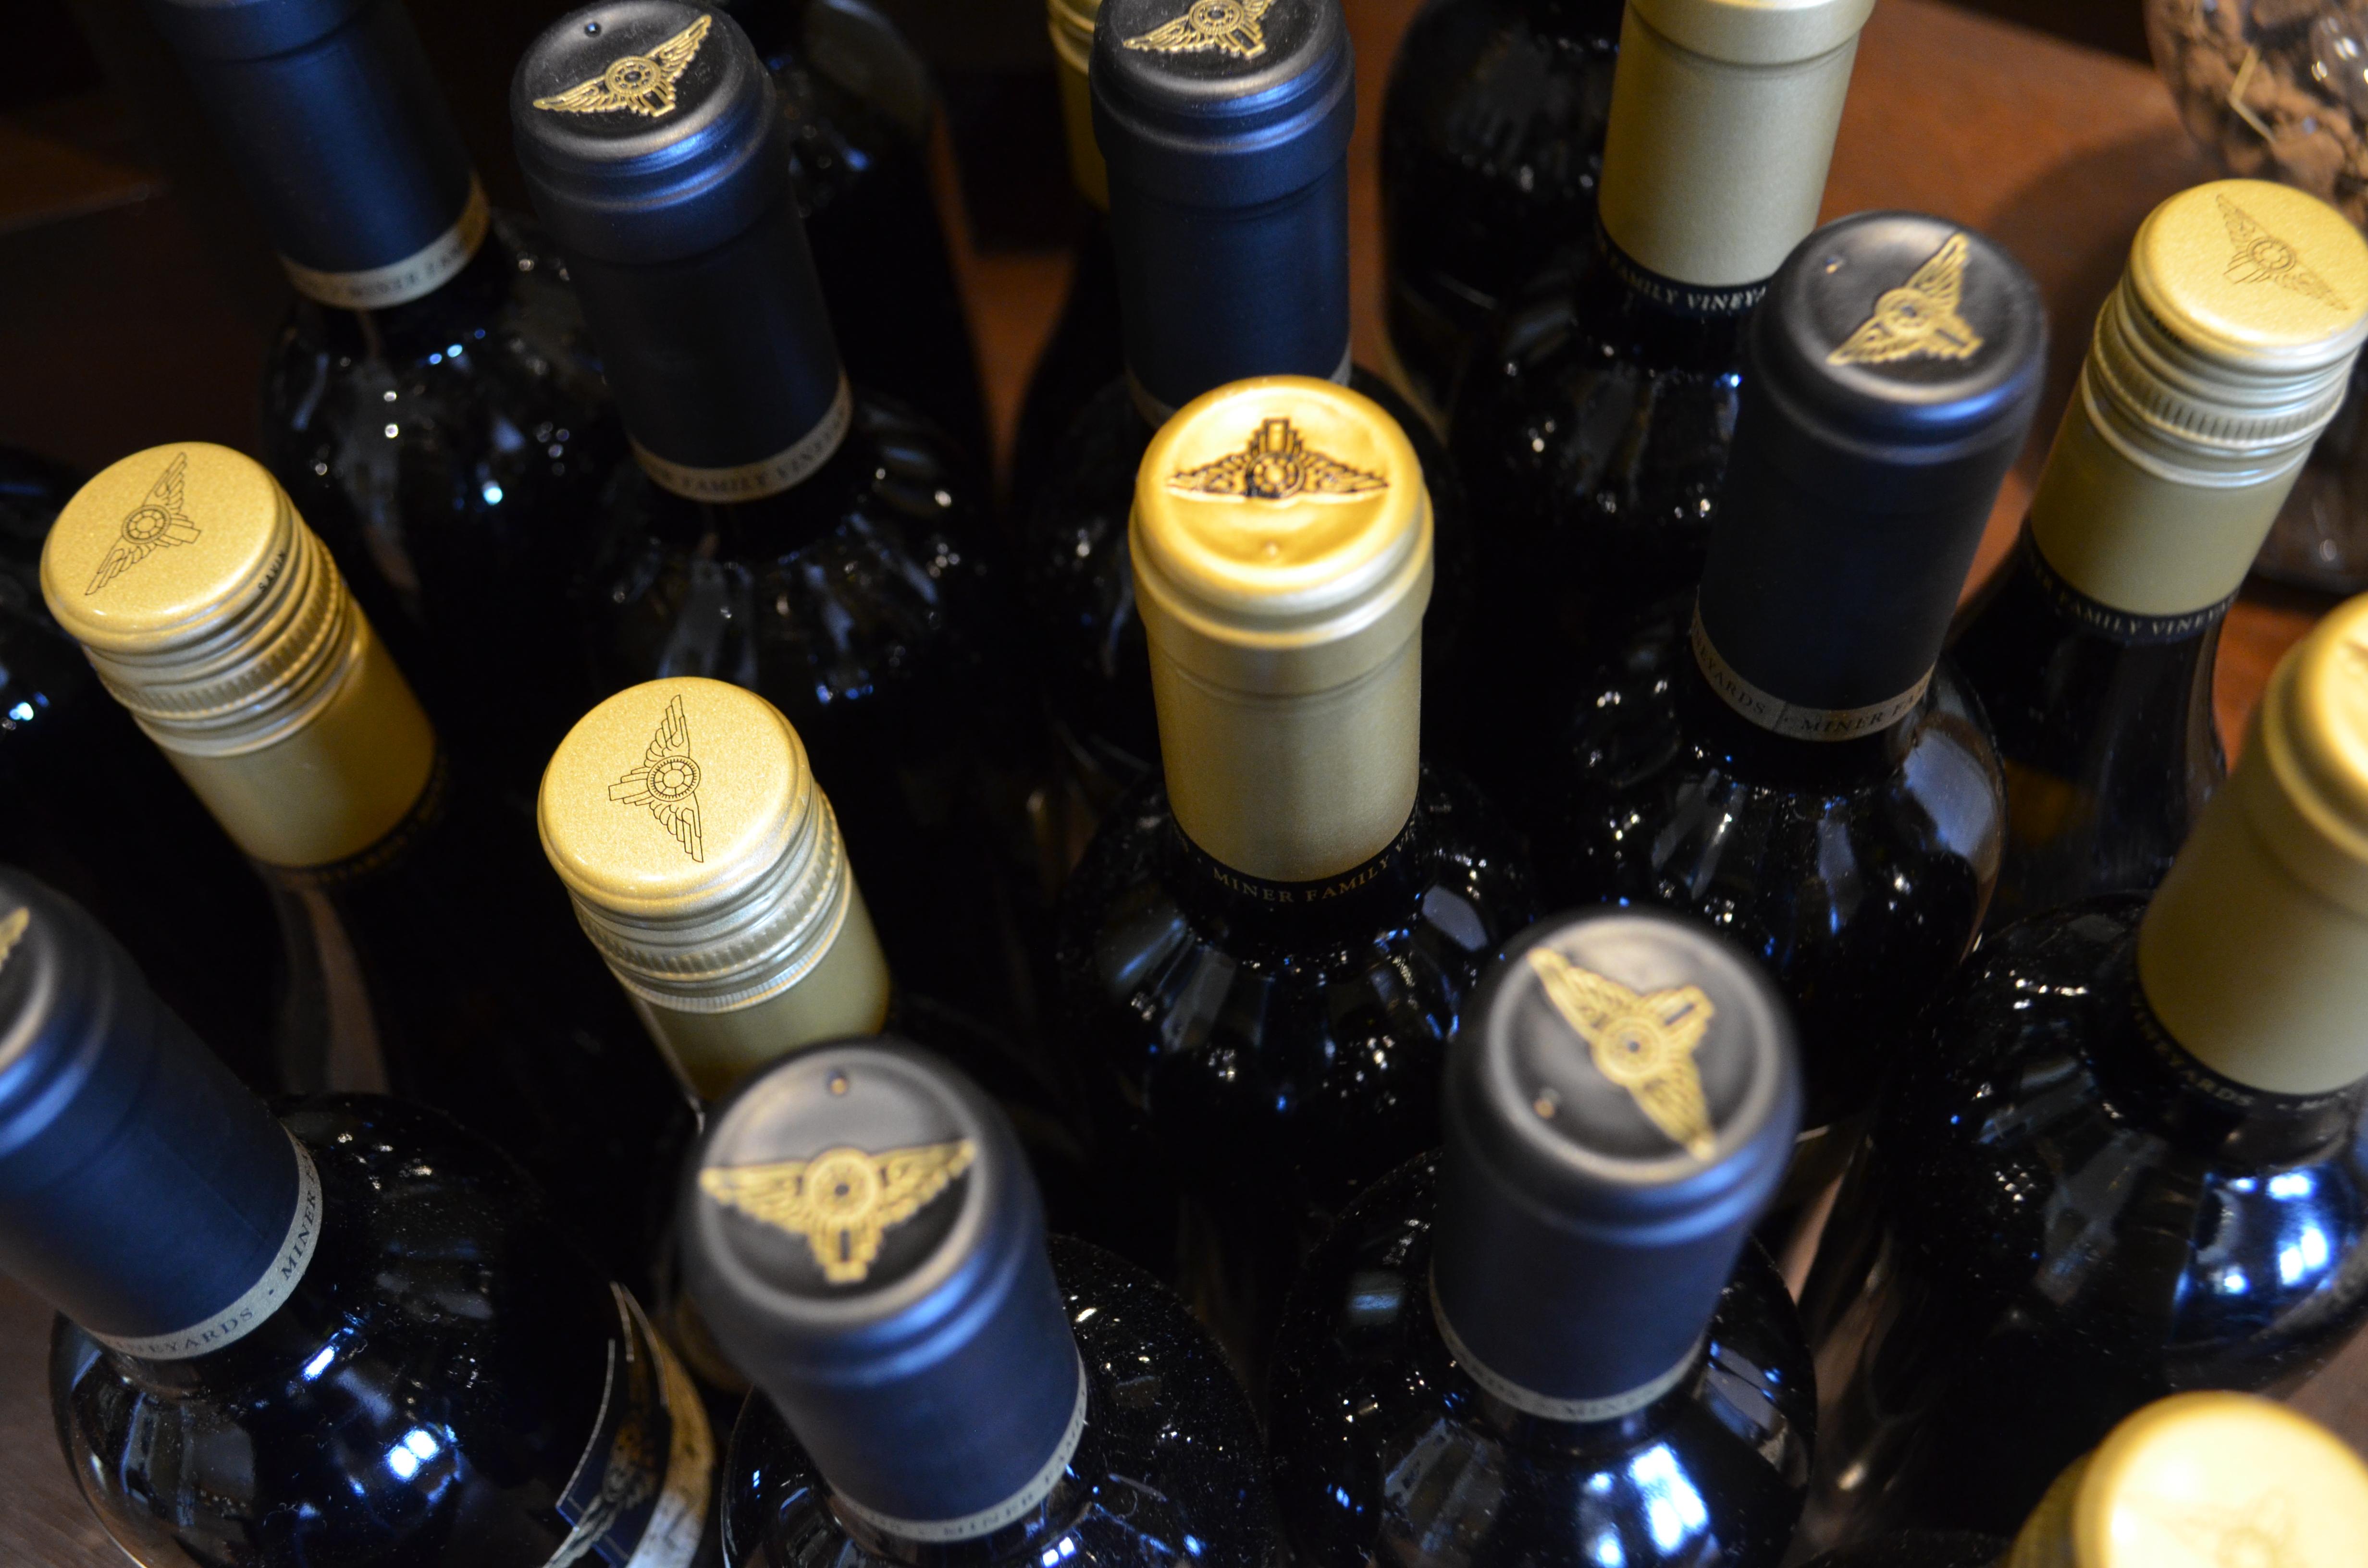 Gifting Bottles